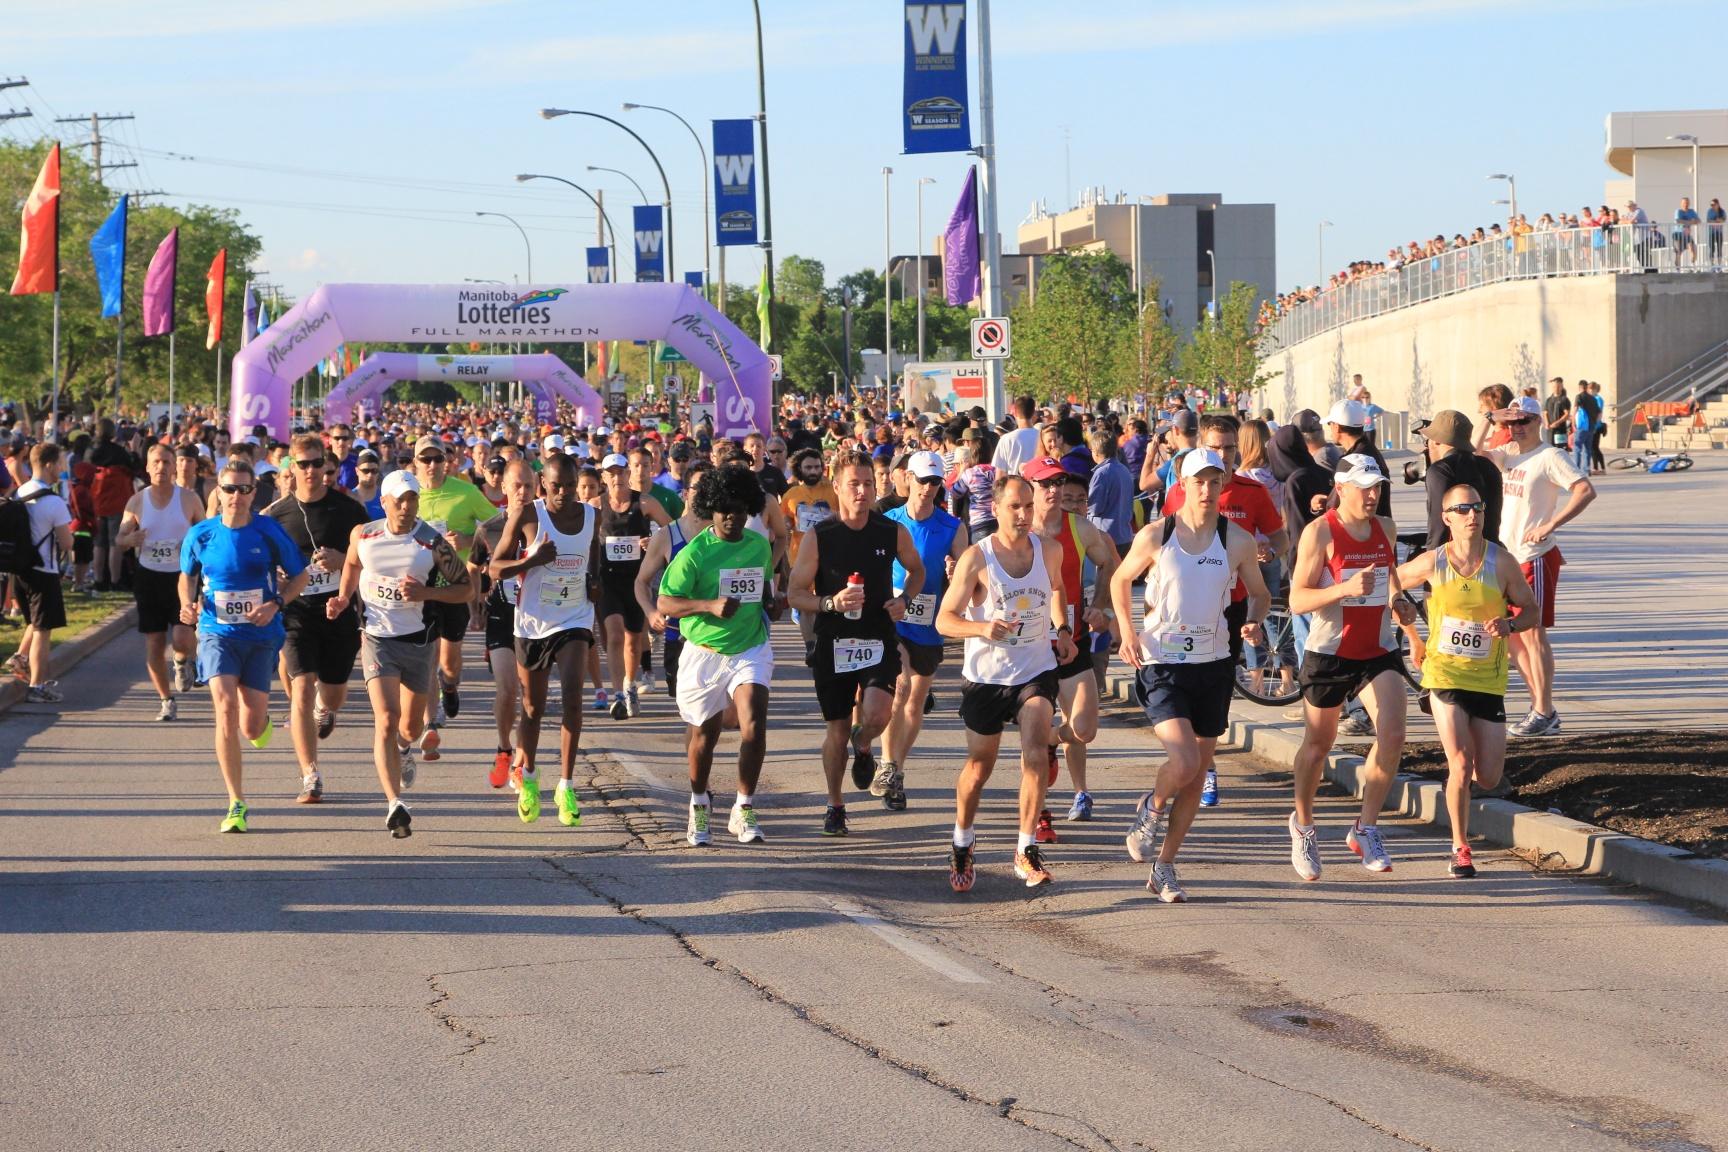 Manitoba Marathon  Online Registration for the 2015 Manitoba Marathon is open